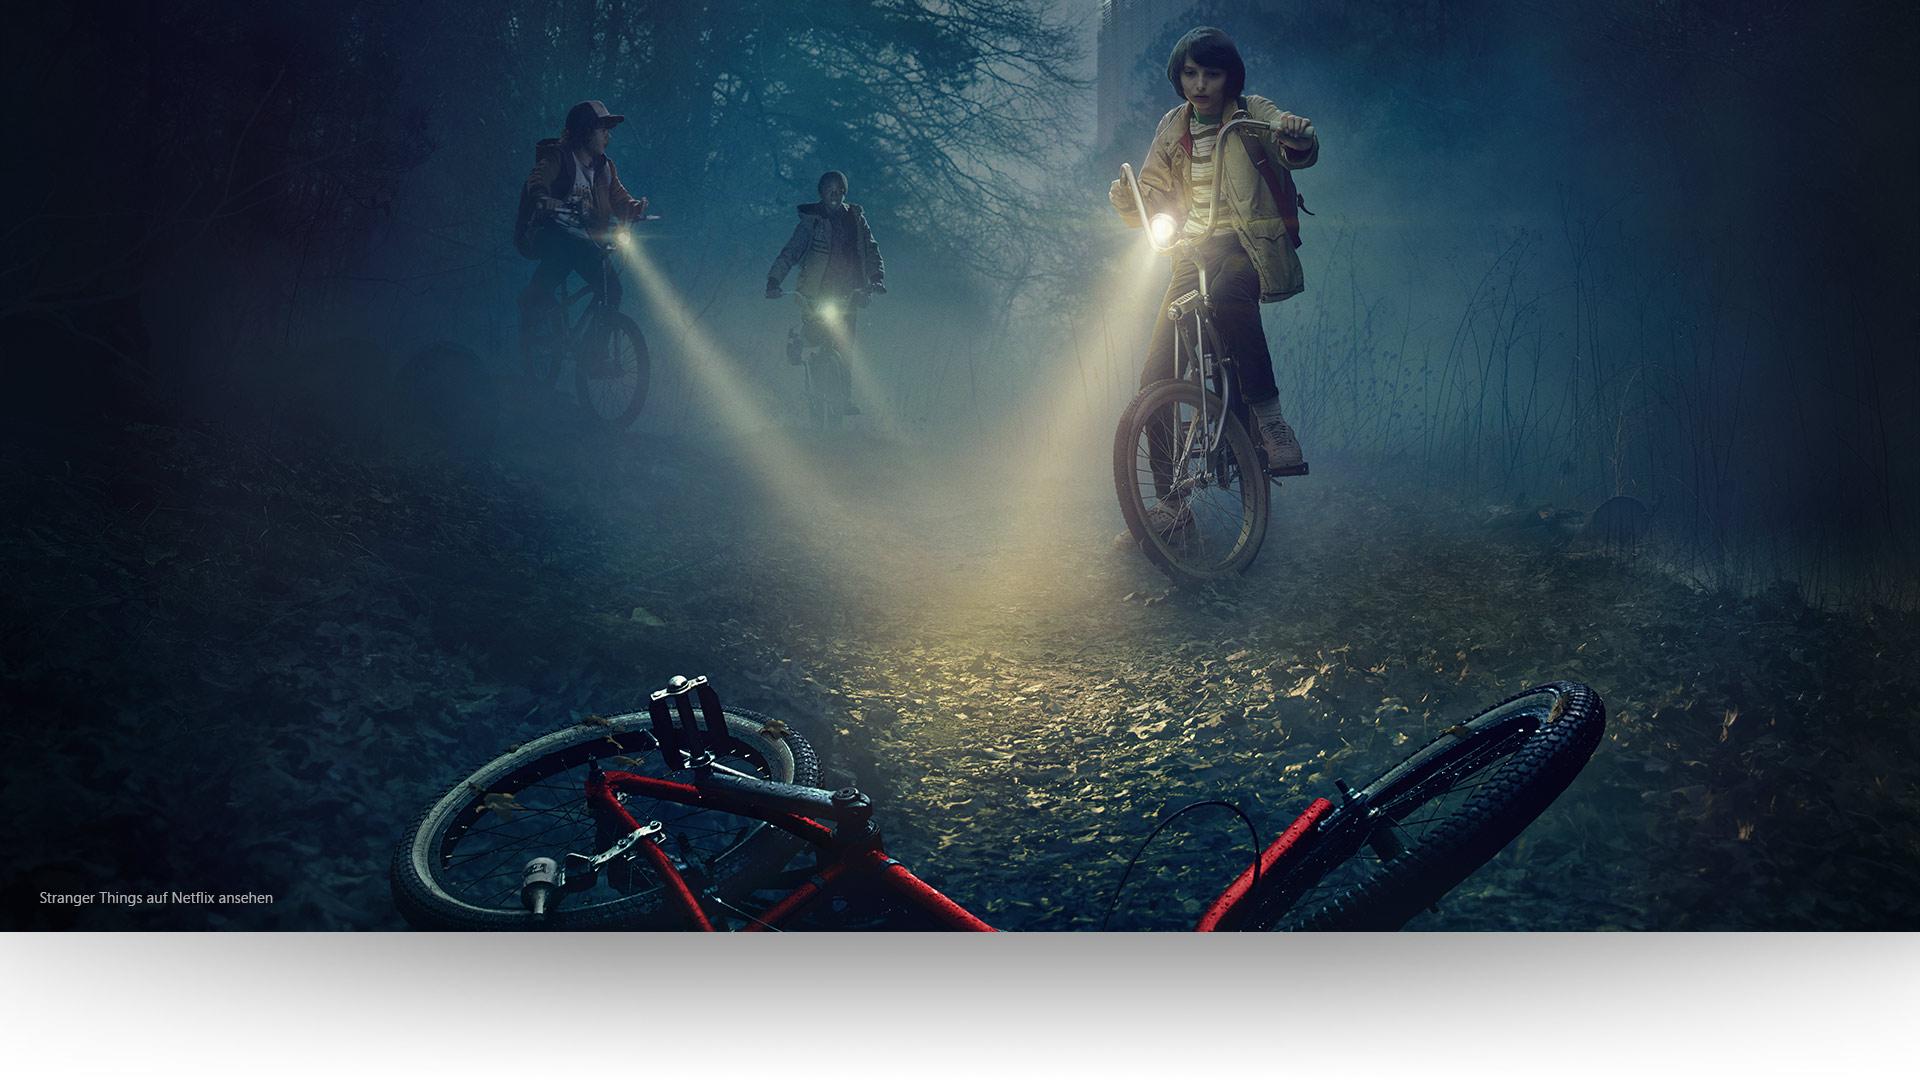 """Kinder aus """"Stranger Things"""" entdecken im Wald ein Fahrrad"""